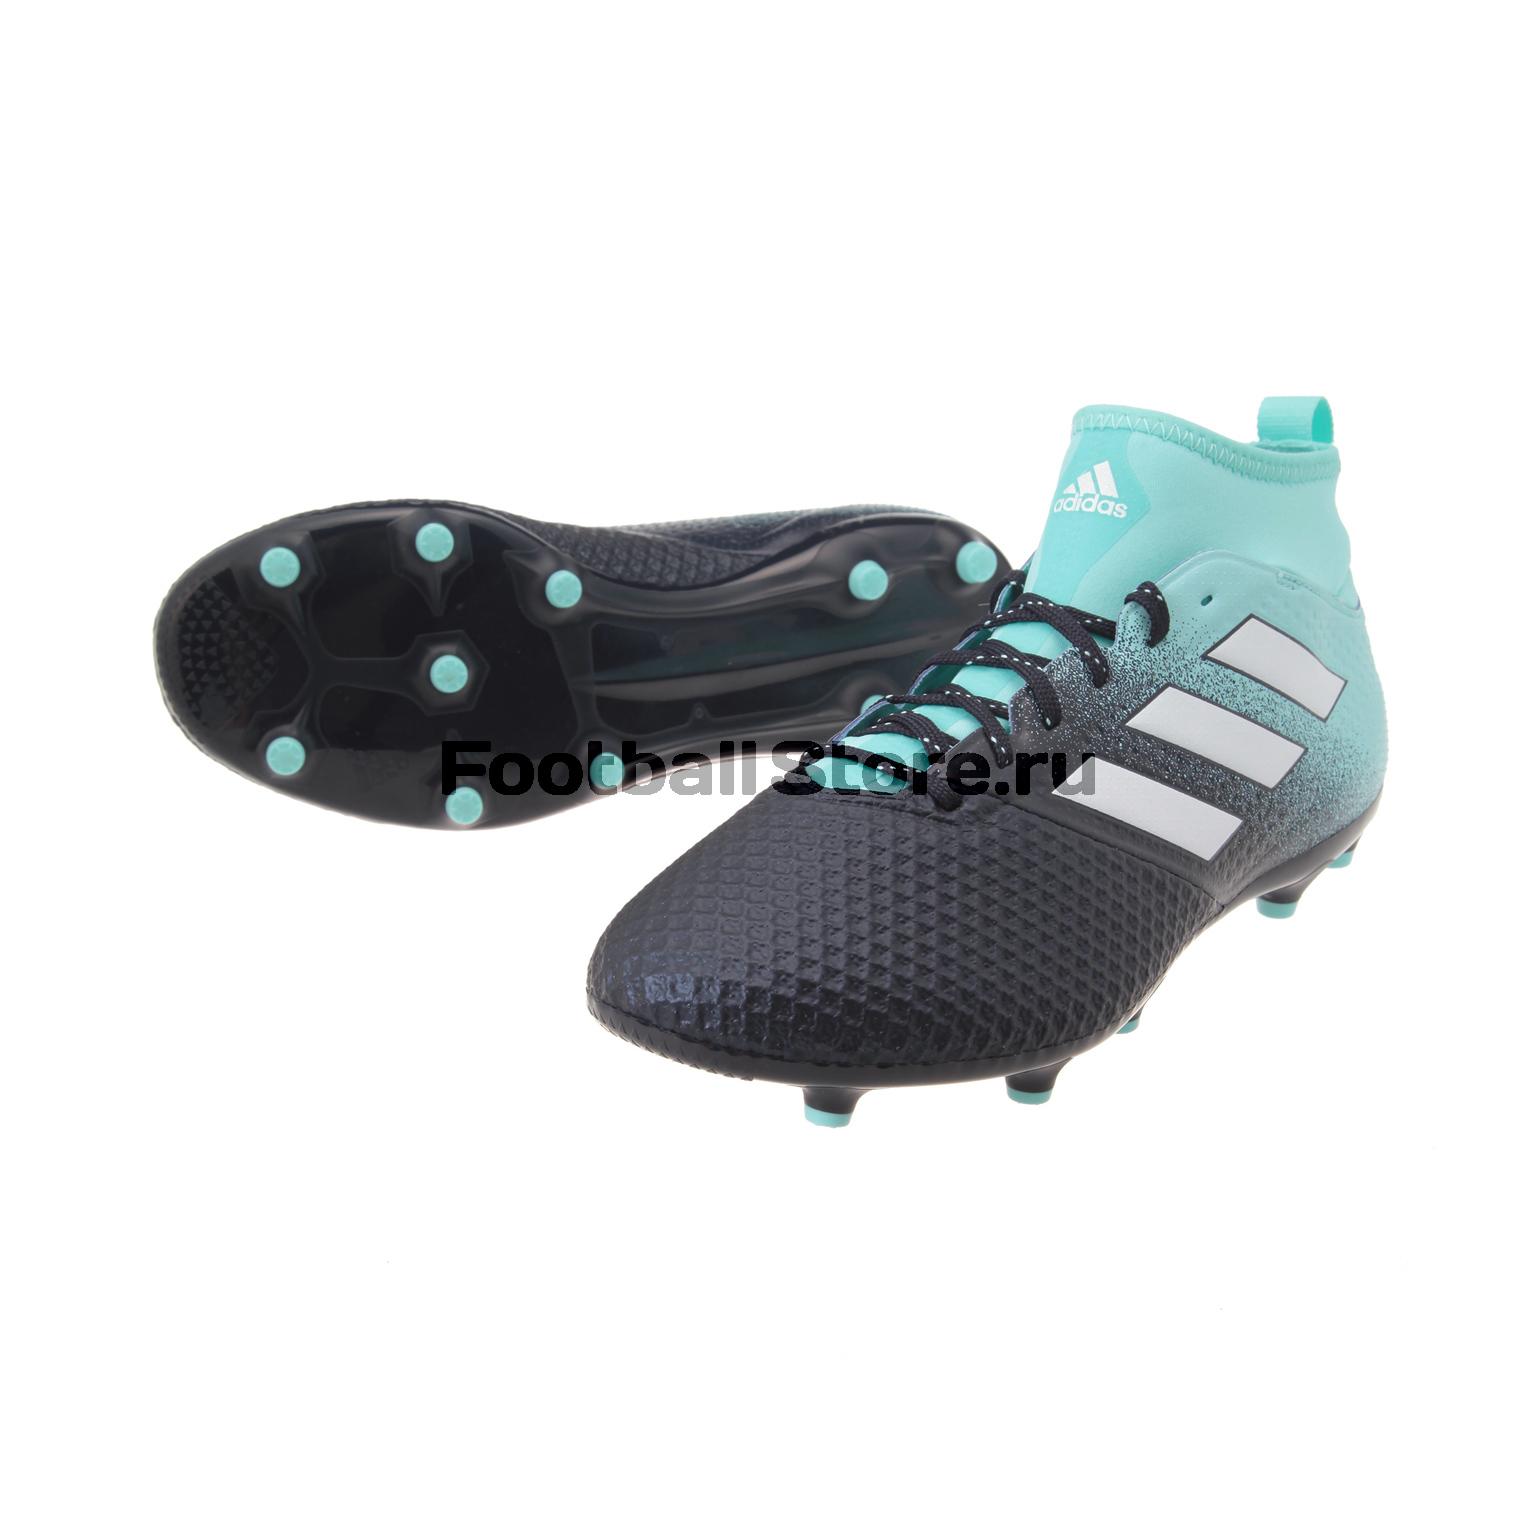 Игровые бутсы Adidas Бутсы Adidas Ace 17.3 FG BY2198 adidas бутсы adidas ace 16 1 fg ag le af5098